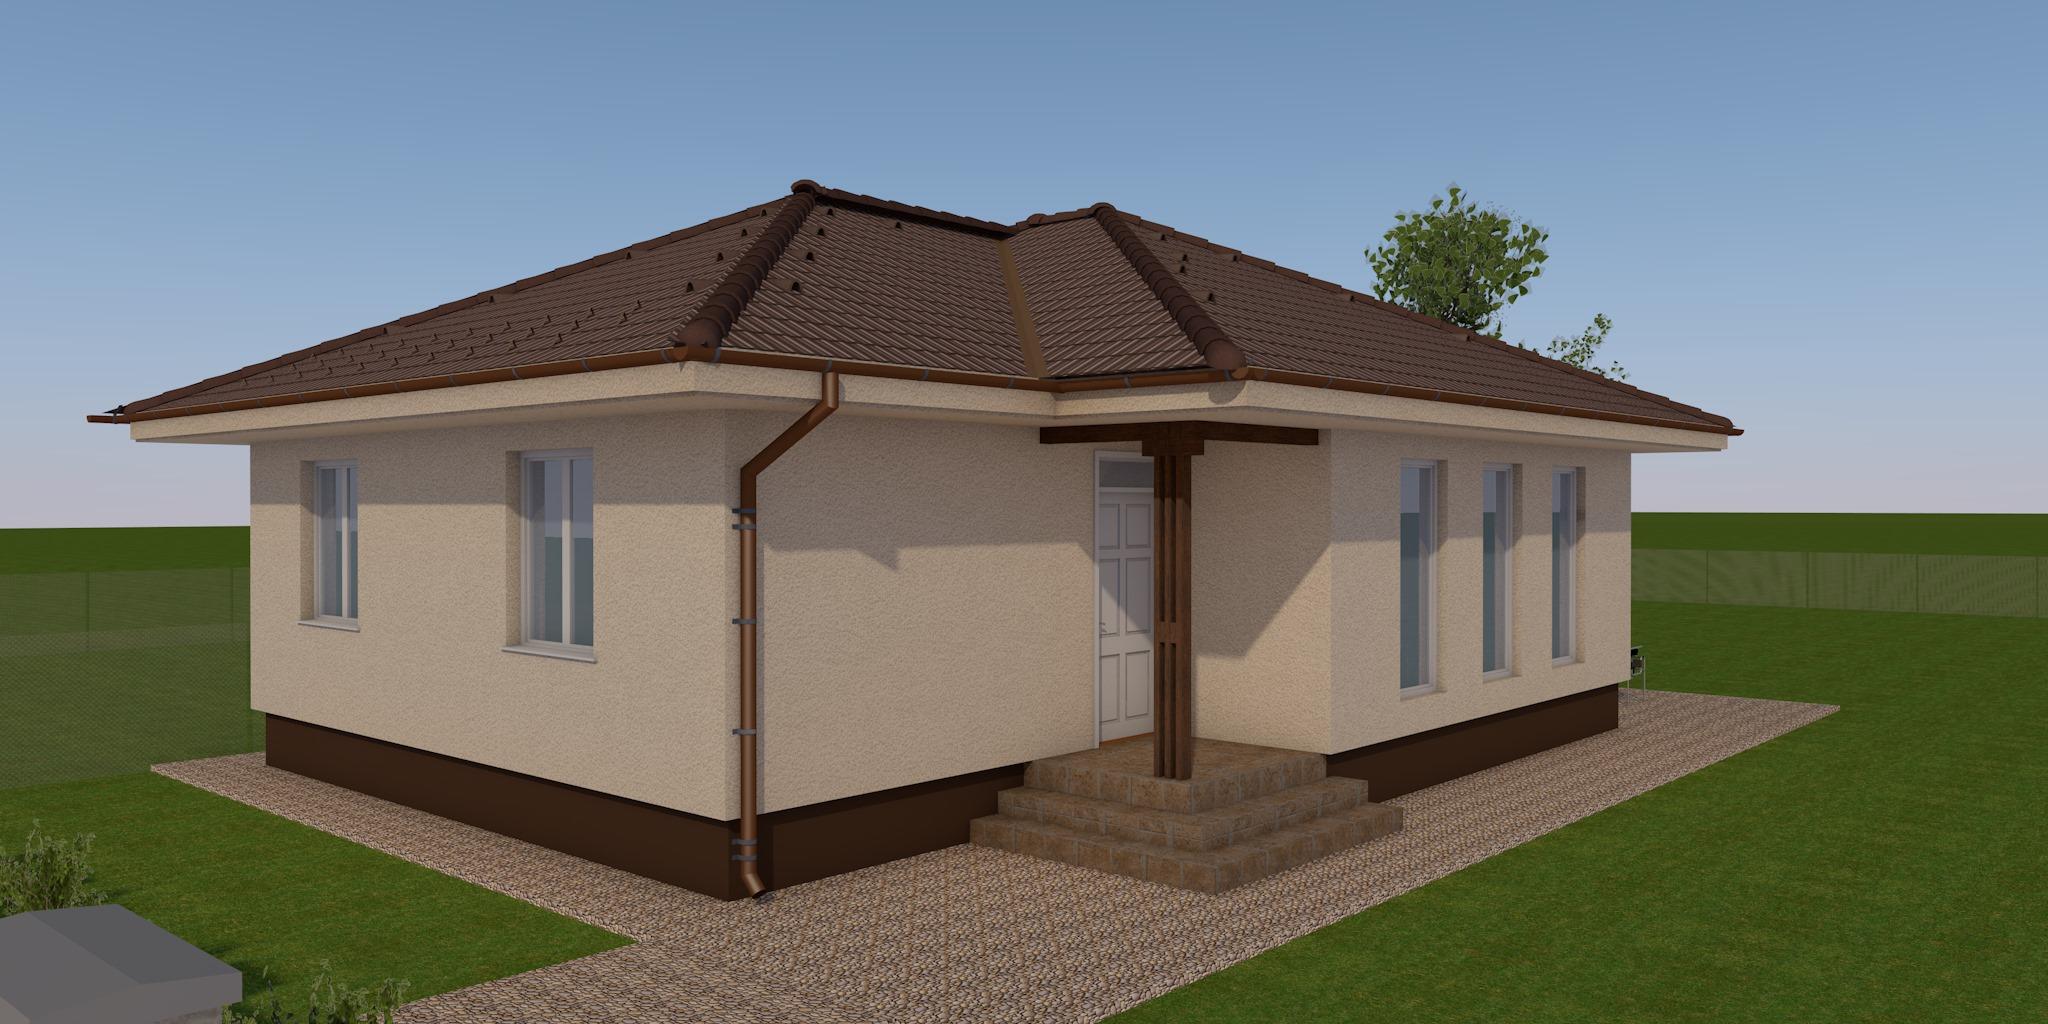 Új építésű br. 97.58 m² Nappali + 3 szobás lakóház megrendelhető Kecskemét Vacsihegyben!